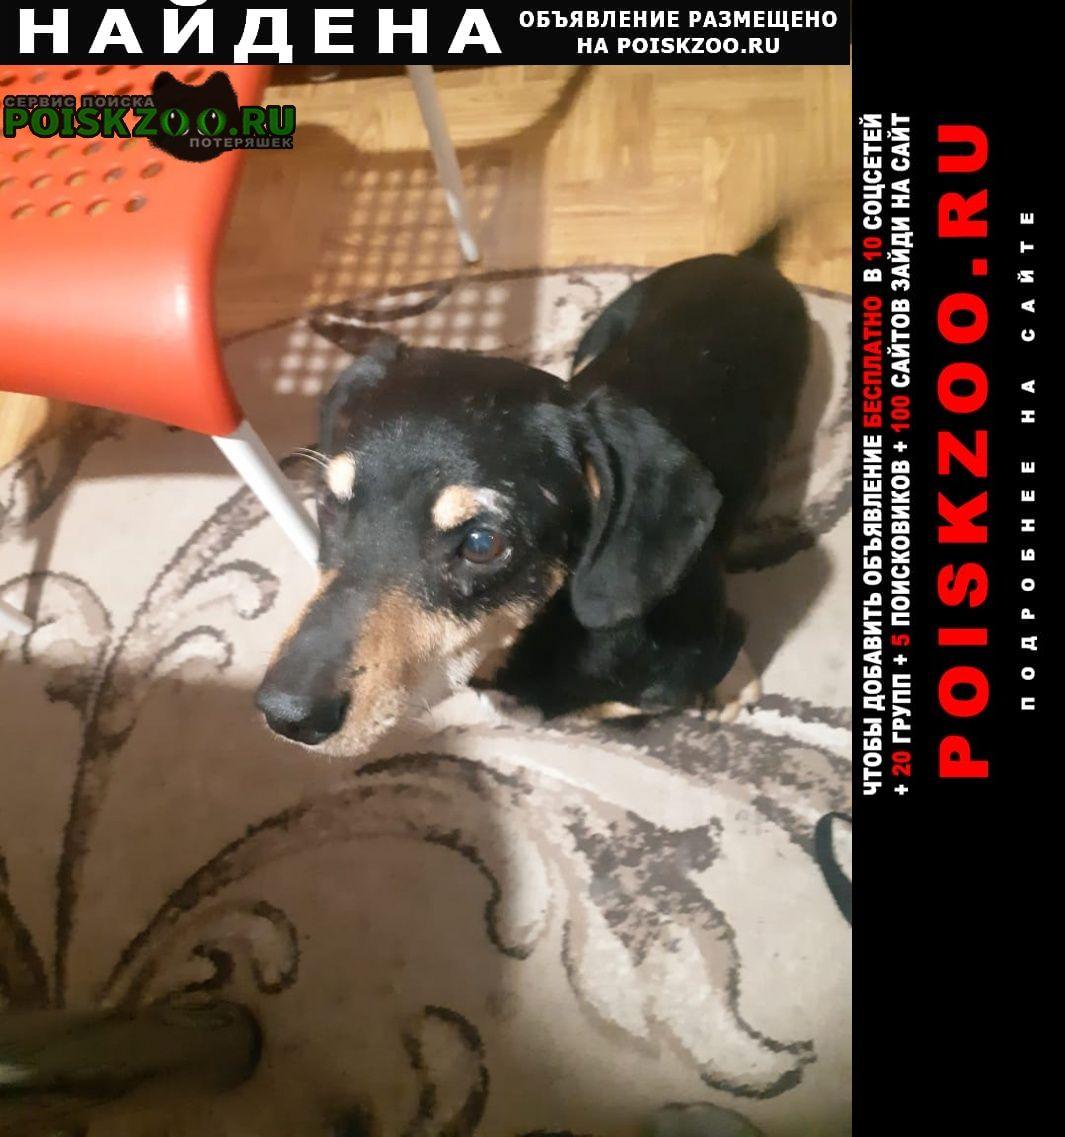 Найдена собака кобель Барнаул